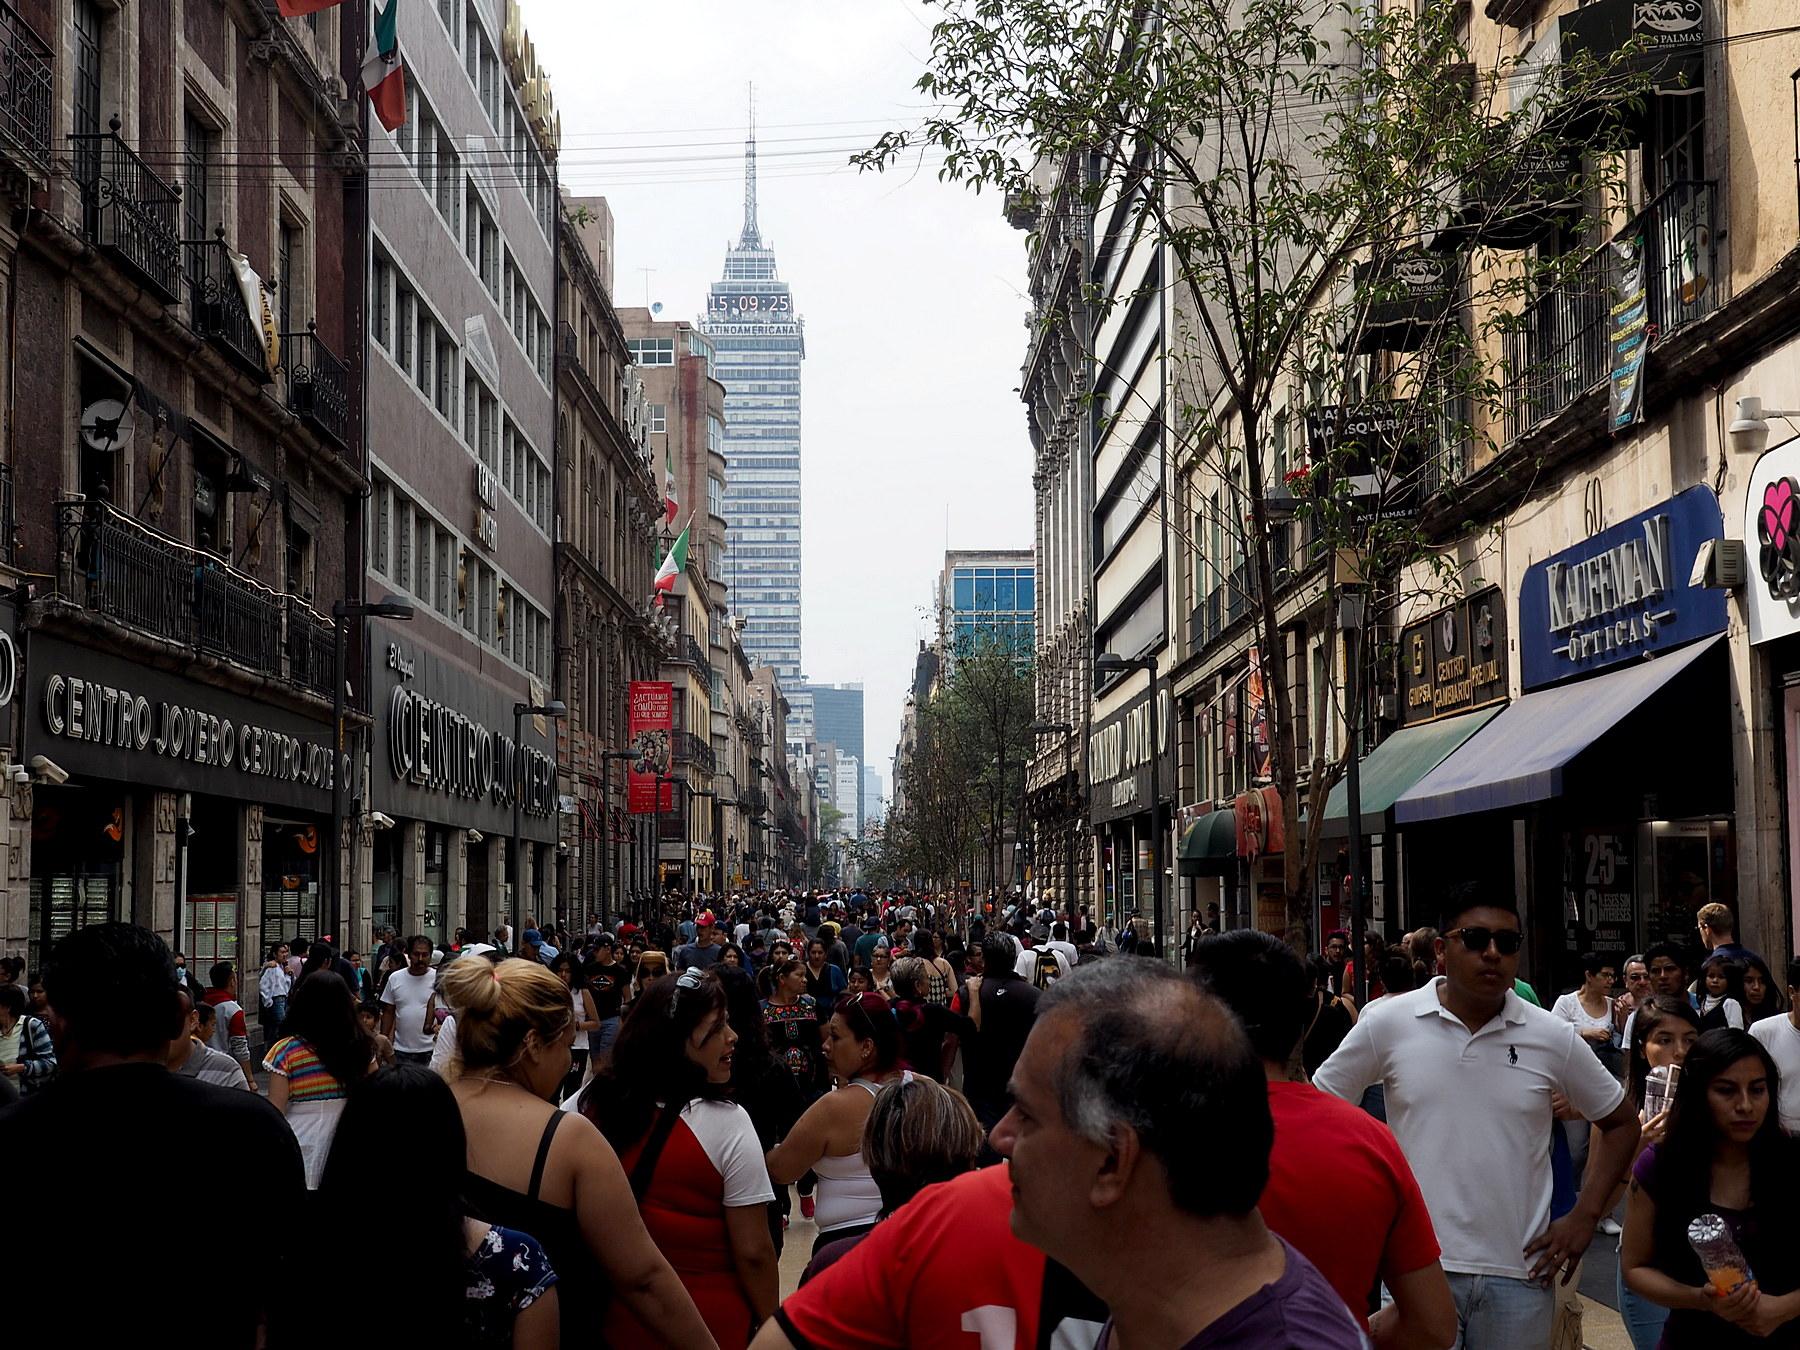 Hochbetrieb in der Fußgängerzone, im Hintergrund der Los Americanos Tower